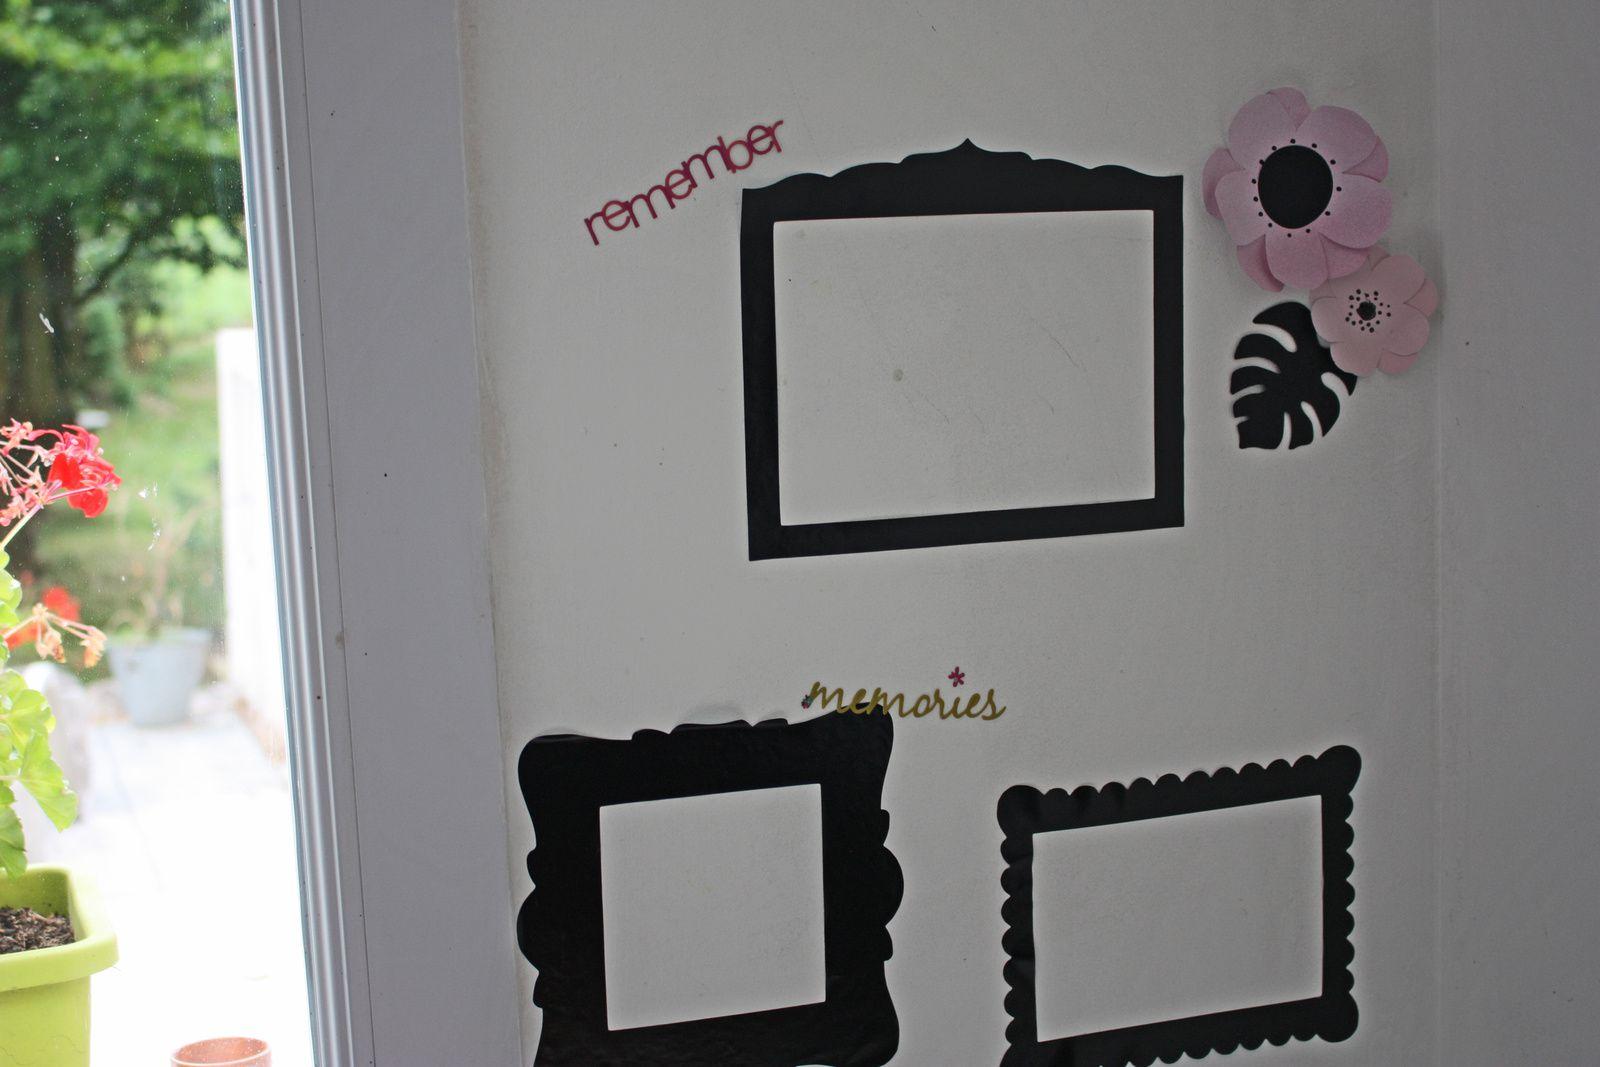 Comment optimiser l'angle d'un mur en y épinglant quelques souvenirs !